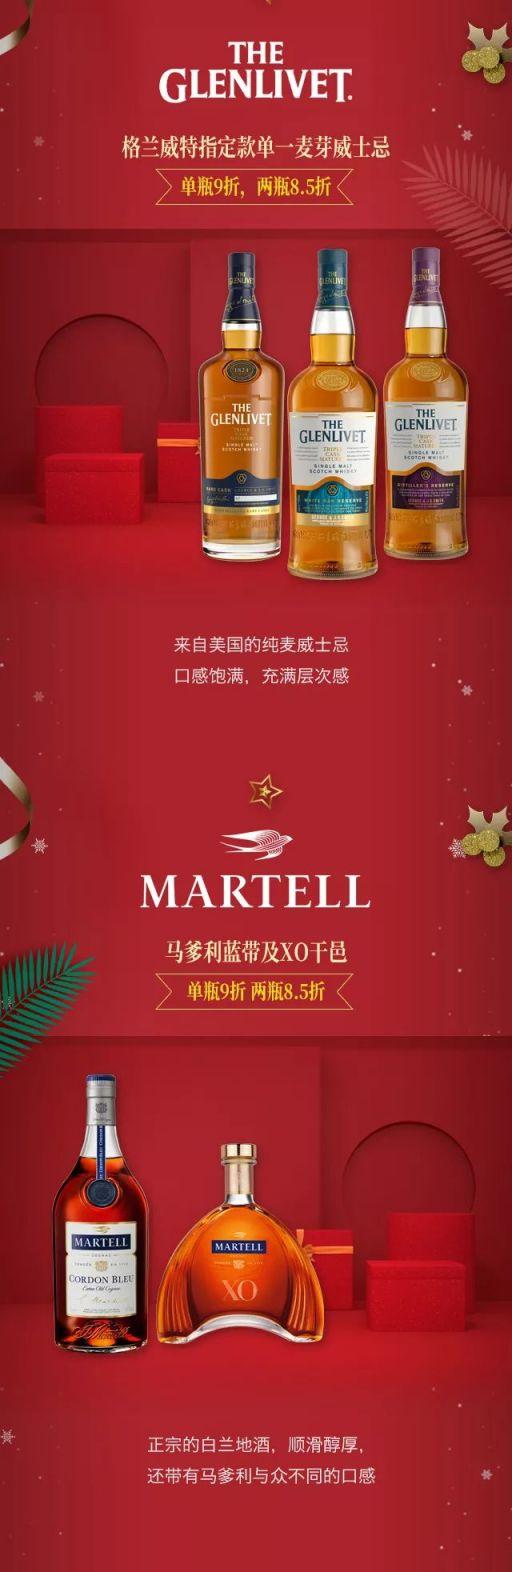 上海日上免税行12月圣诞新片抢先看 ( 附价格)